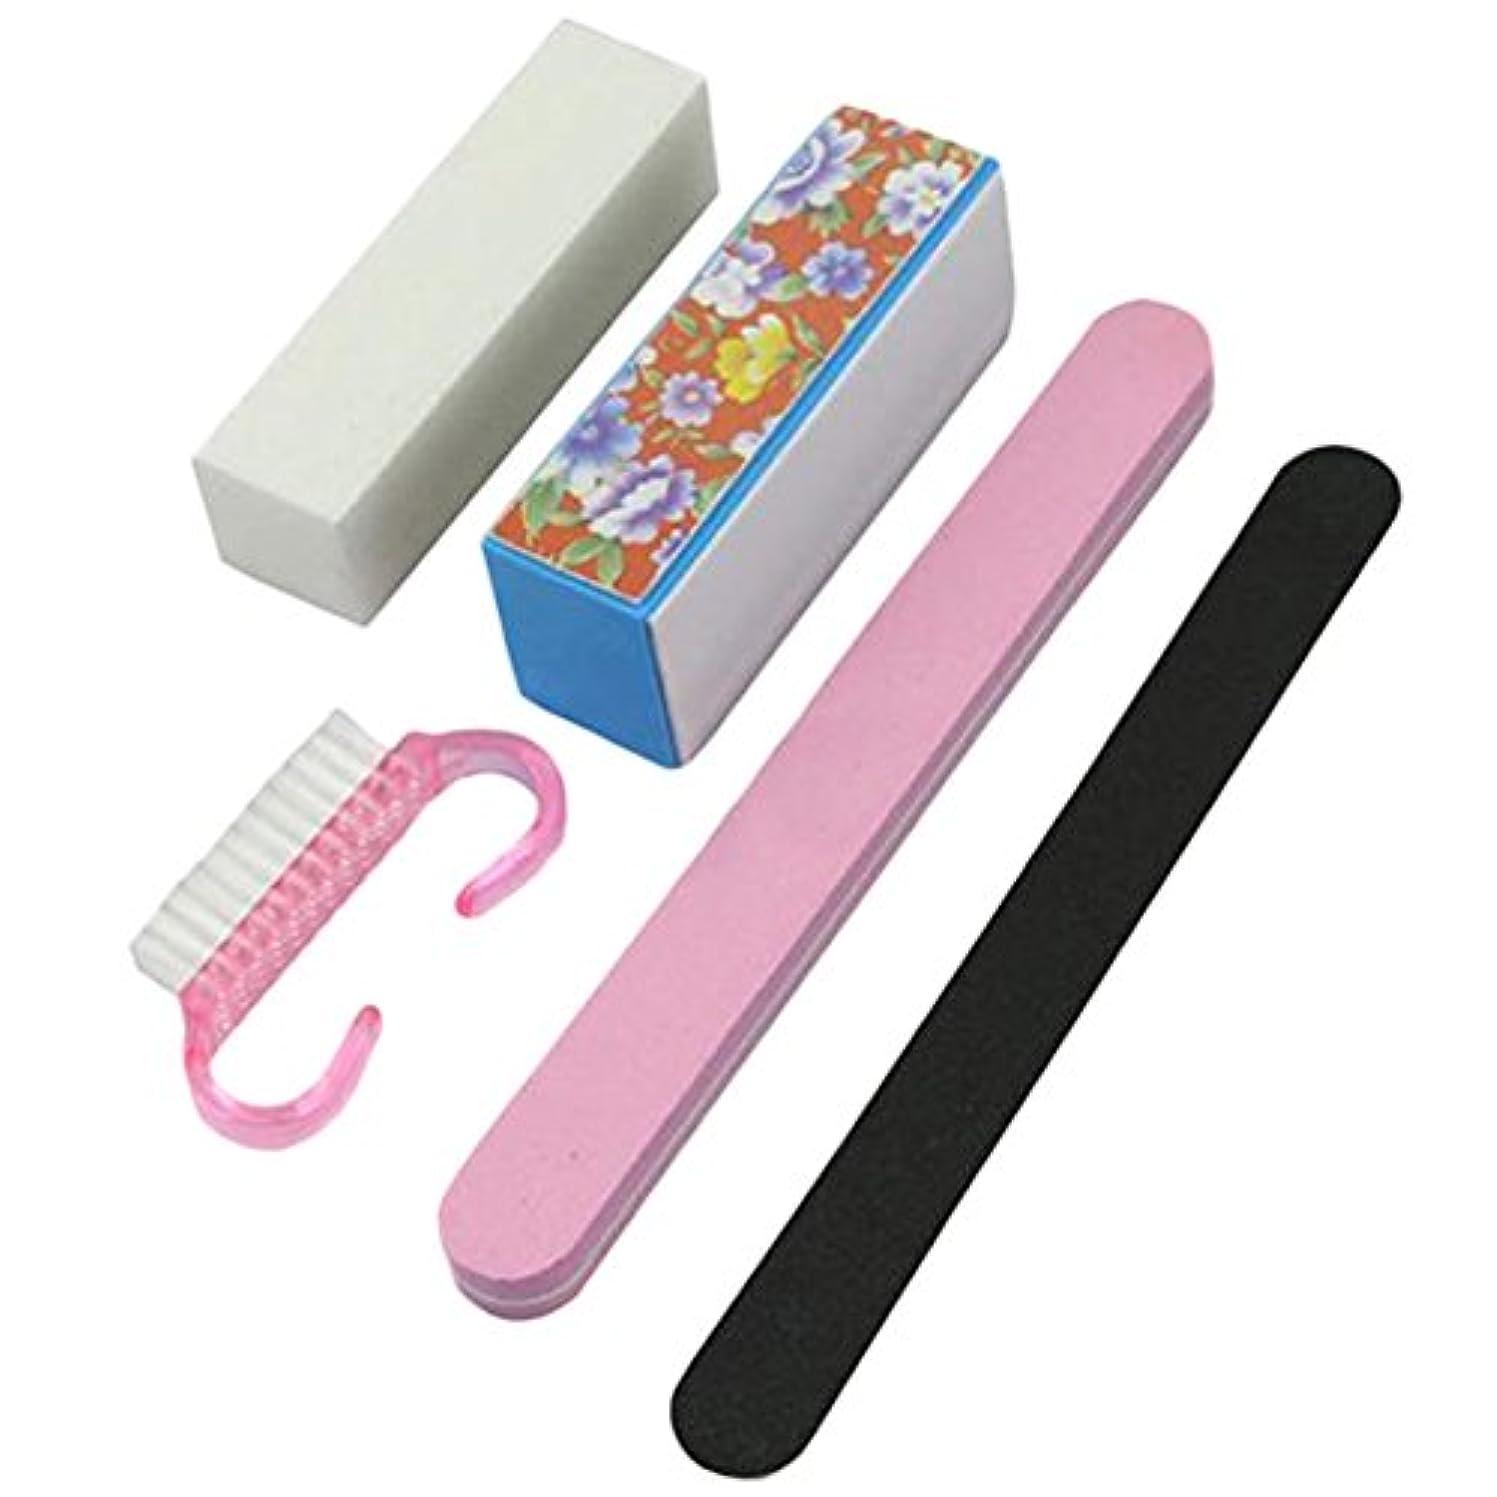 自体アーチサーフィンYideaHome ネイルファイル 爪やすり 爪磨き ネイルケア 5点セット ジェルネイル用ファイル